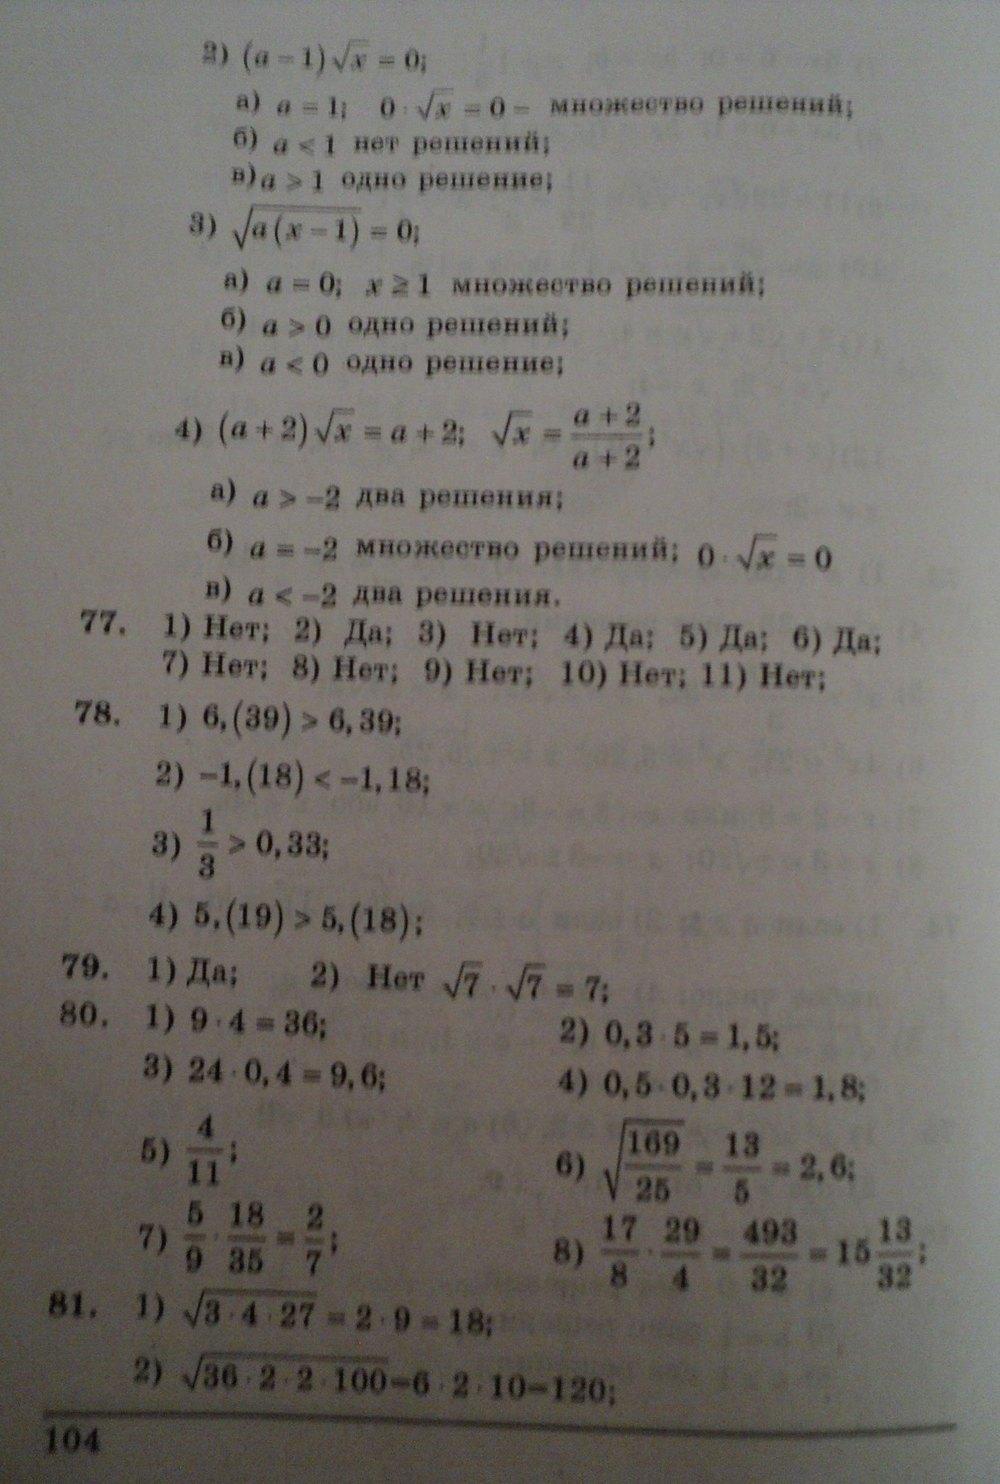 ГДЗ по алгебре 8 класс Щербань П.. Задание: стр. 104